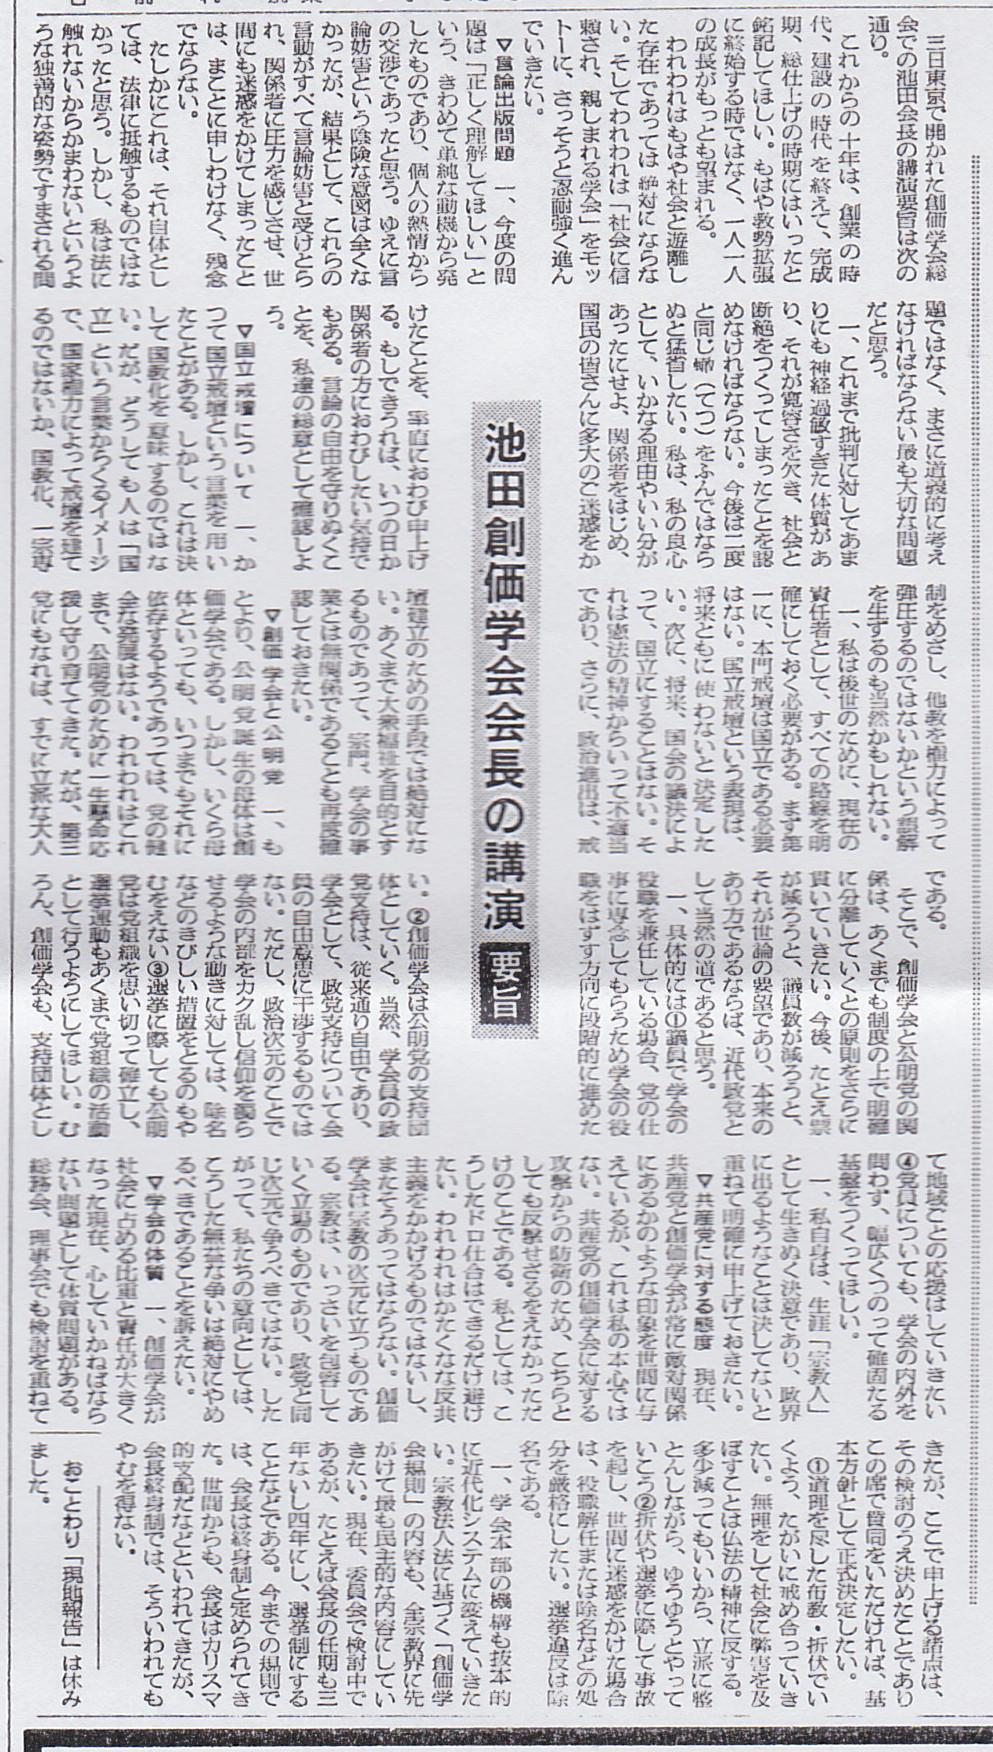 朝日新聞 昭和45年5月4日2面